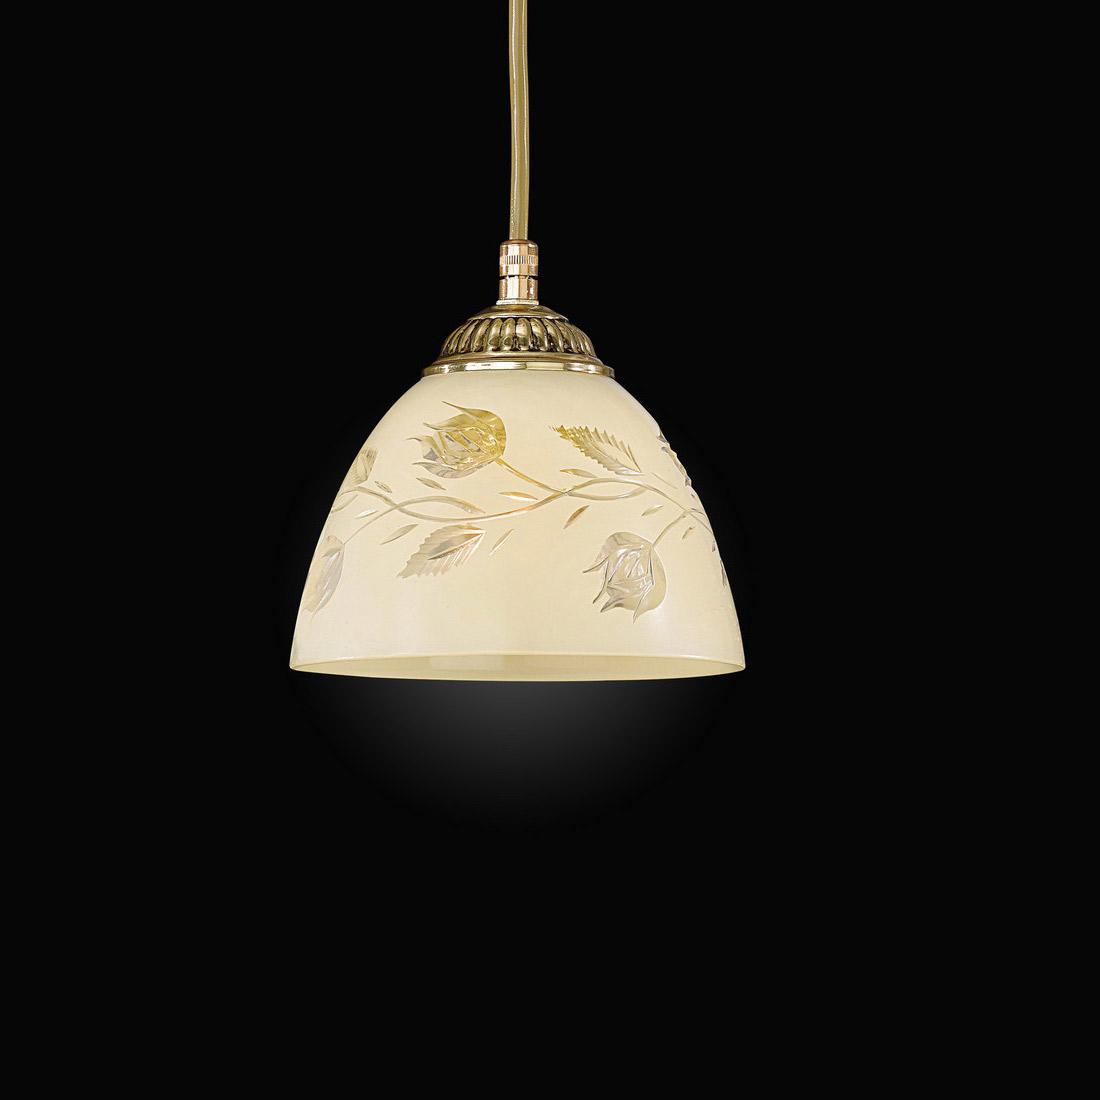 Подвесной светильник Reccagni Angelo L 6358/14 все цены